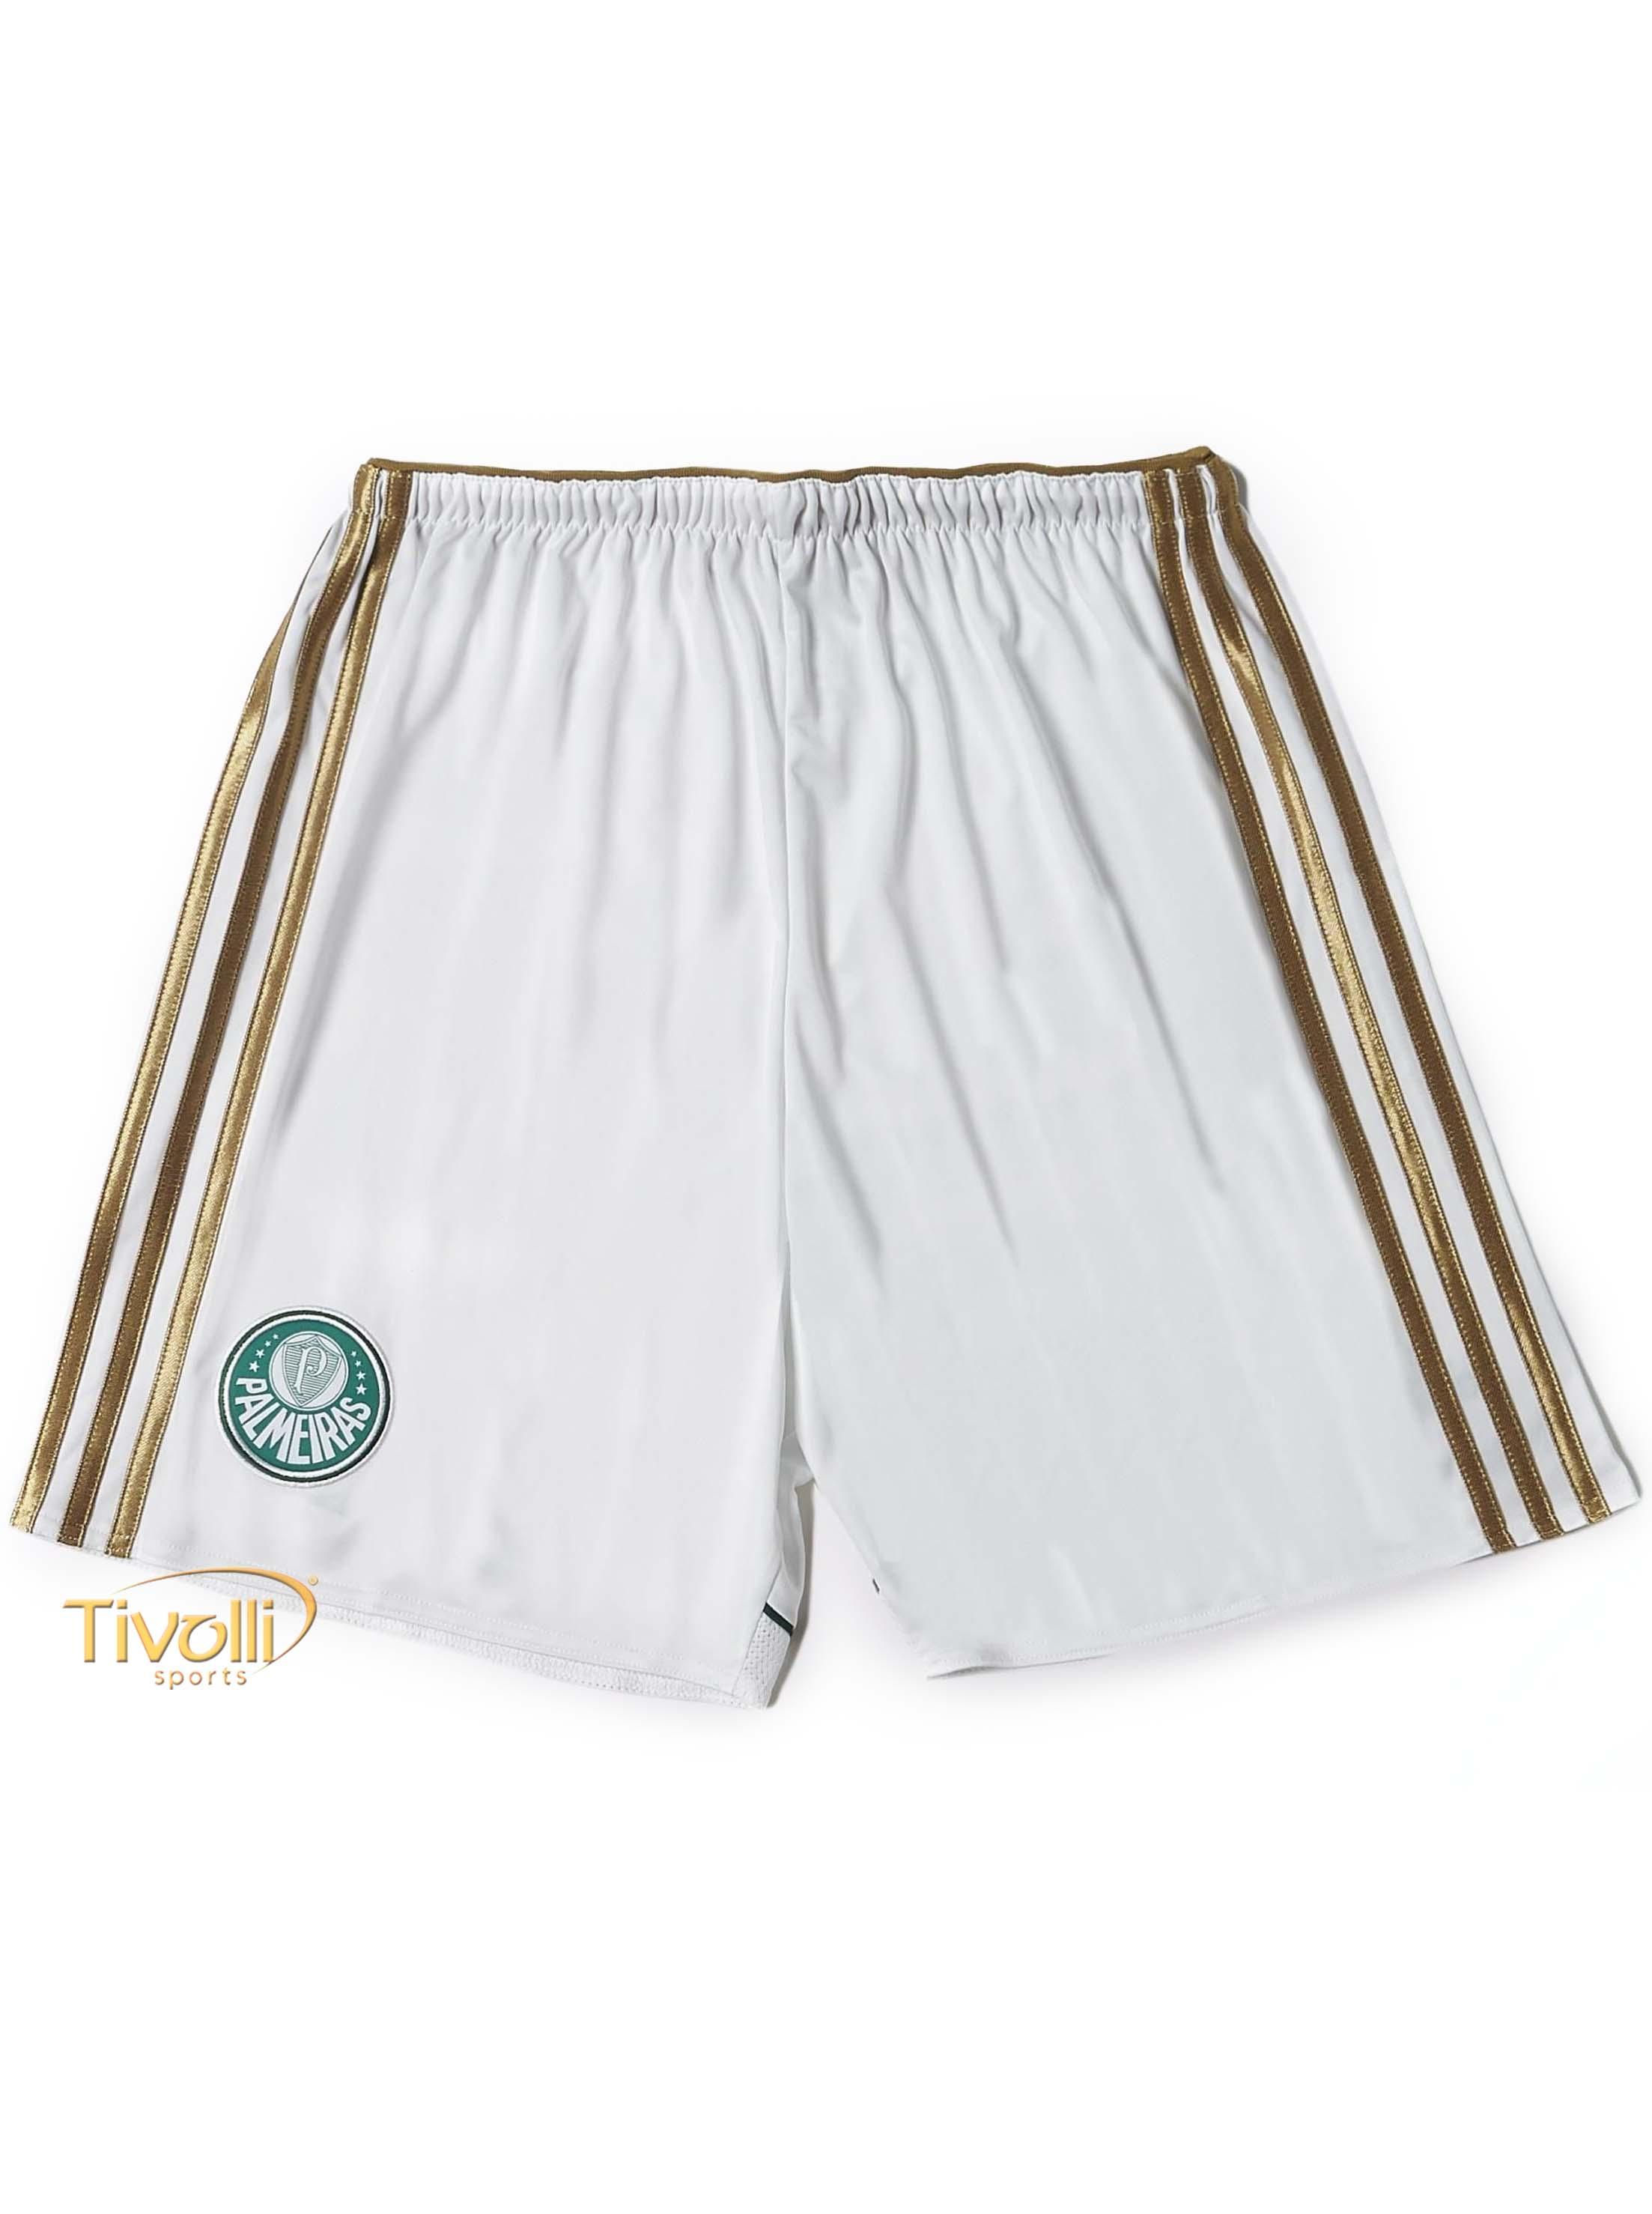 Black Friday - Shorts Palmeiras I Adidas   branco e dourado masculino   a1ce901585112